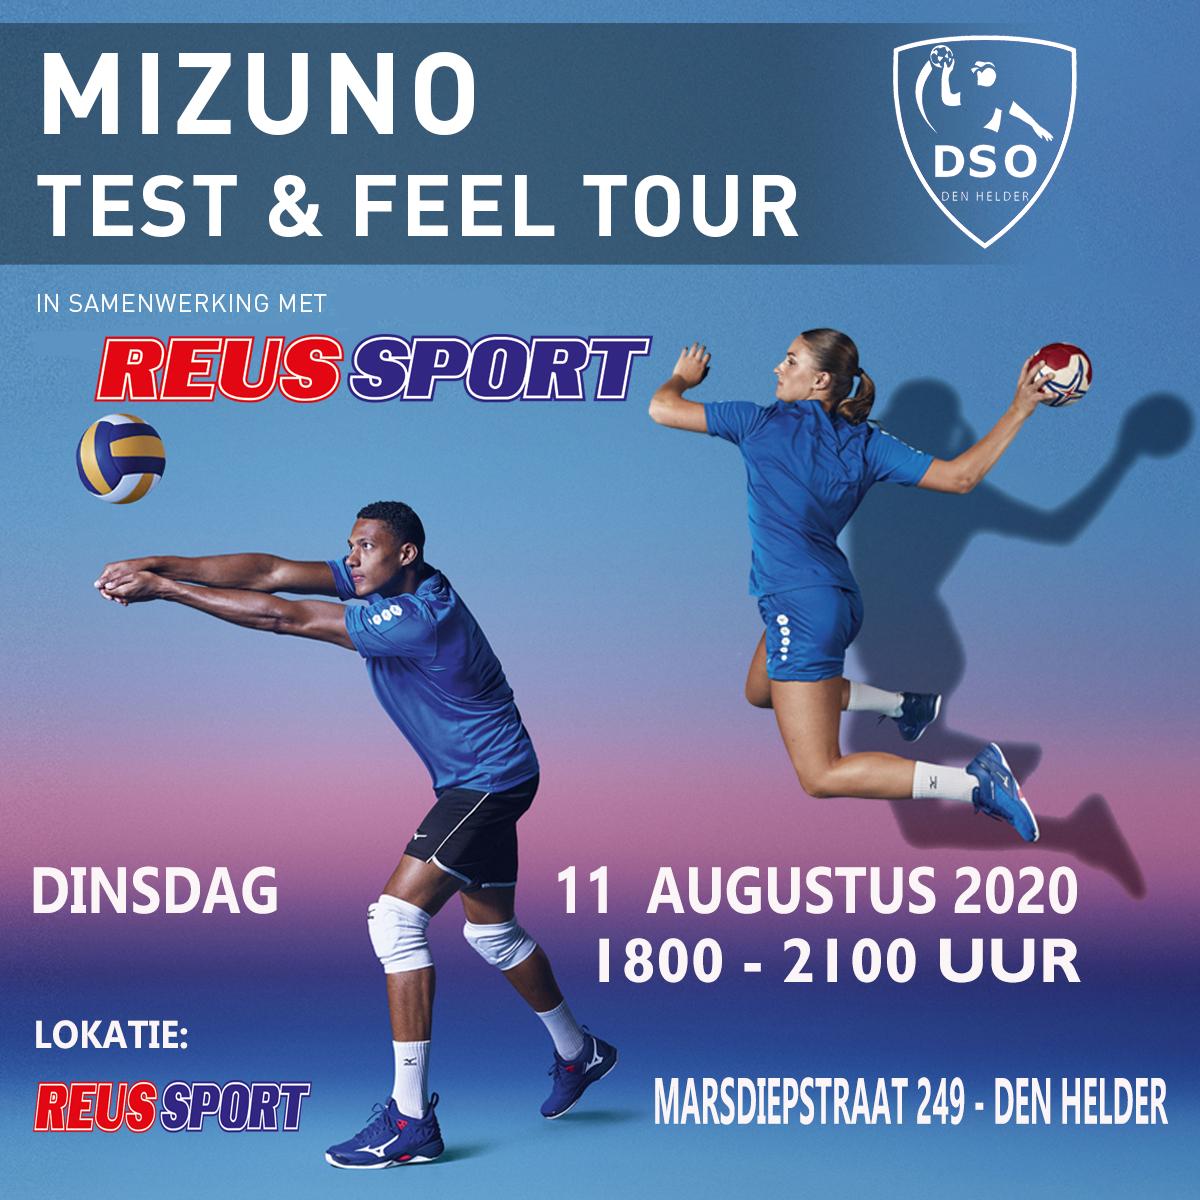 MIZUNO TEST EN FEEL TOUR  DI 11 AUGUSTUS BIJ SPONSOR REUS SPORT